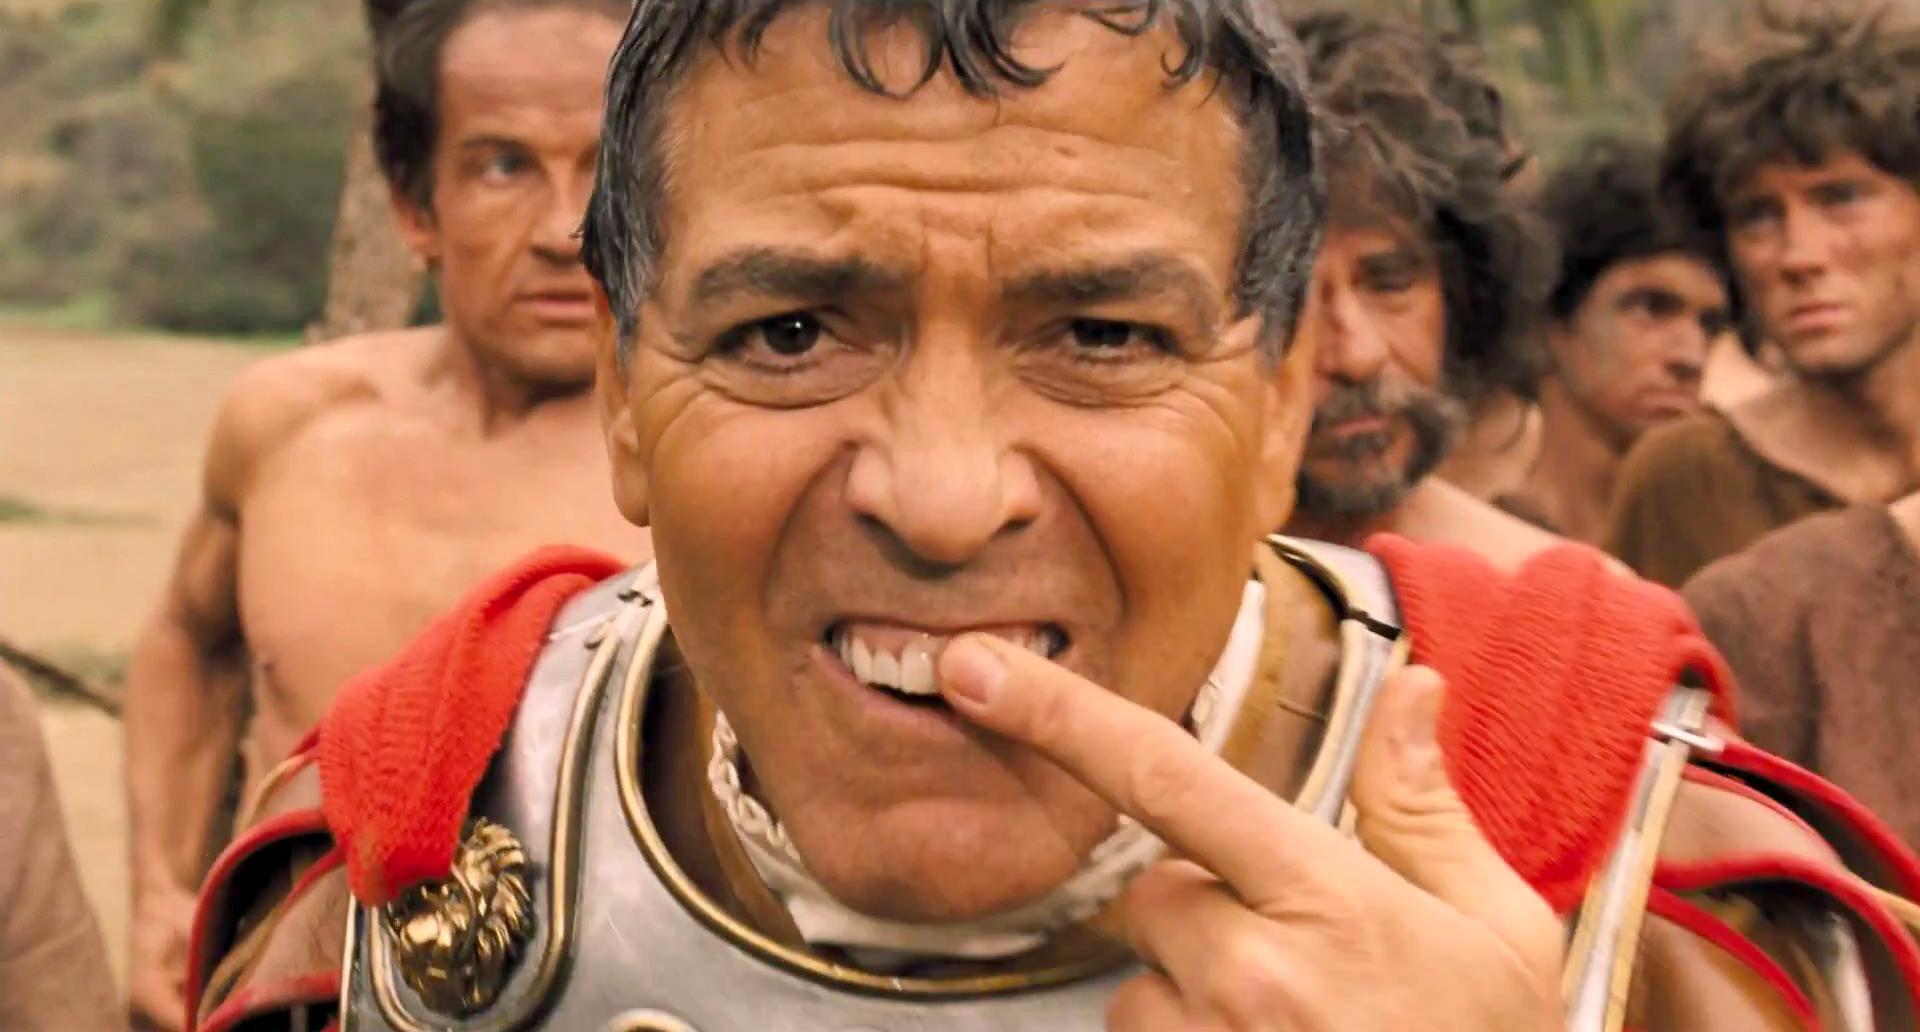 аве цезарь кадр 6